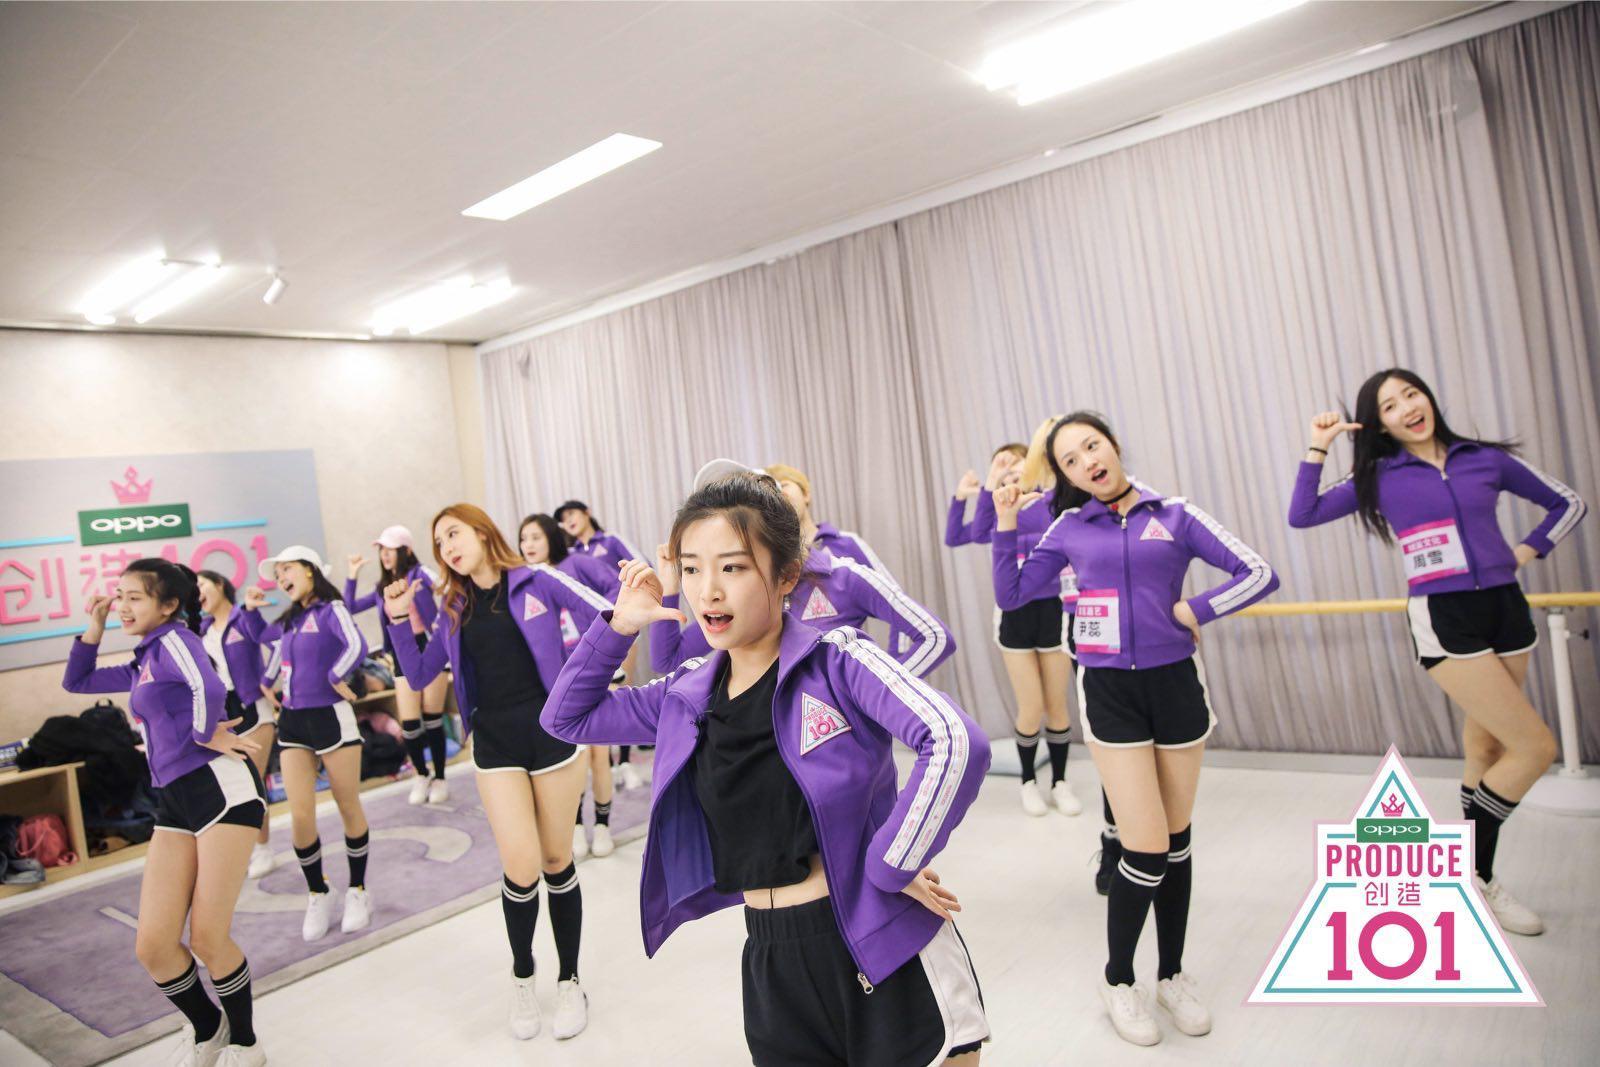 《创造101》黄子韬公布选手点赞排名 女孩泪洒舞台